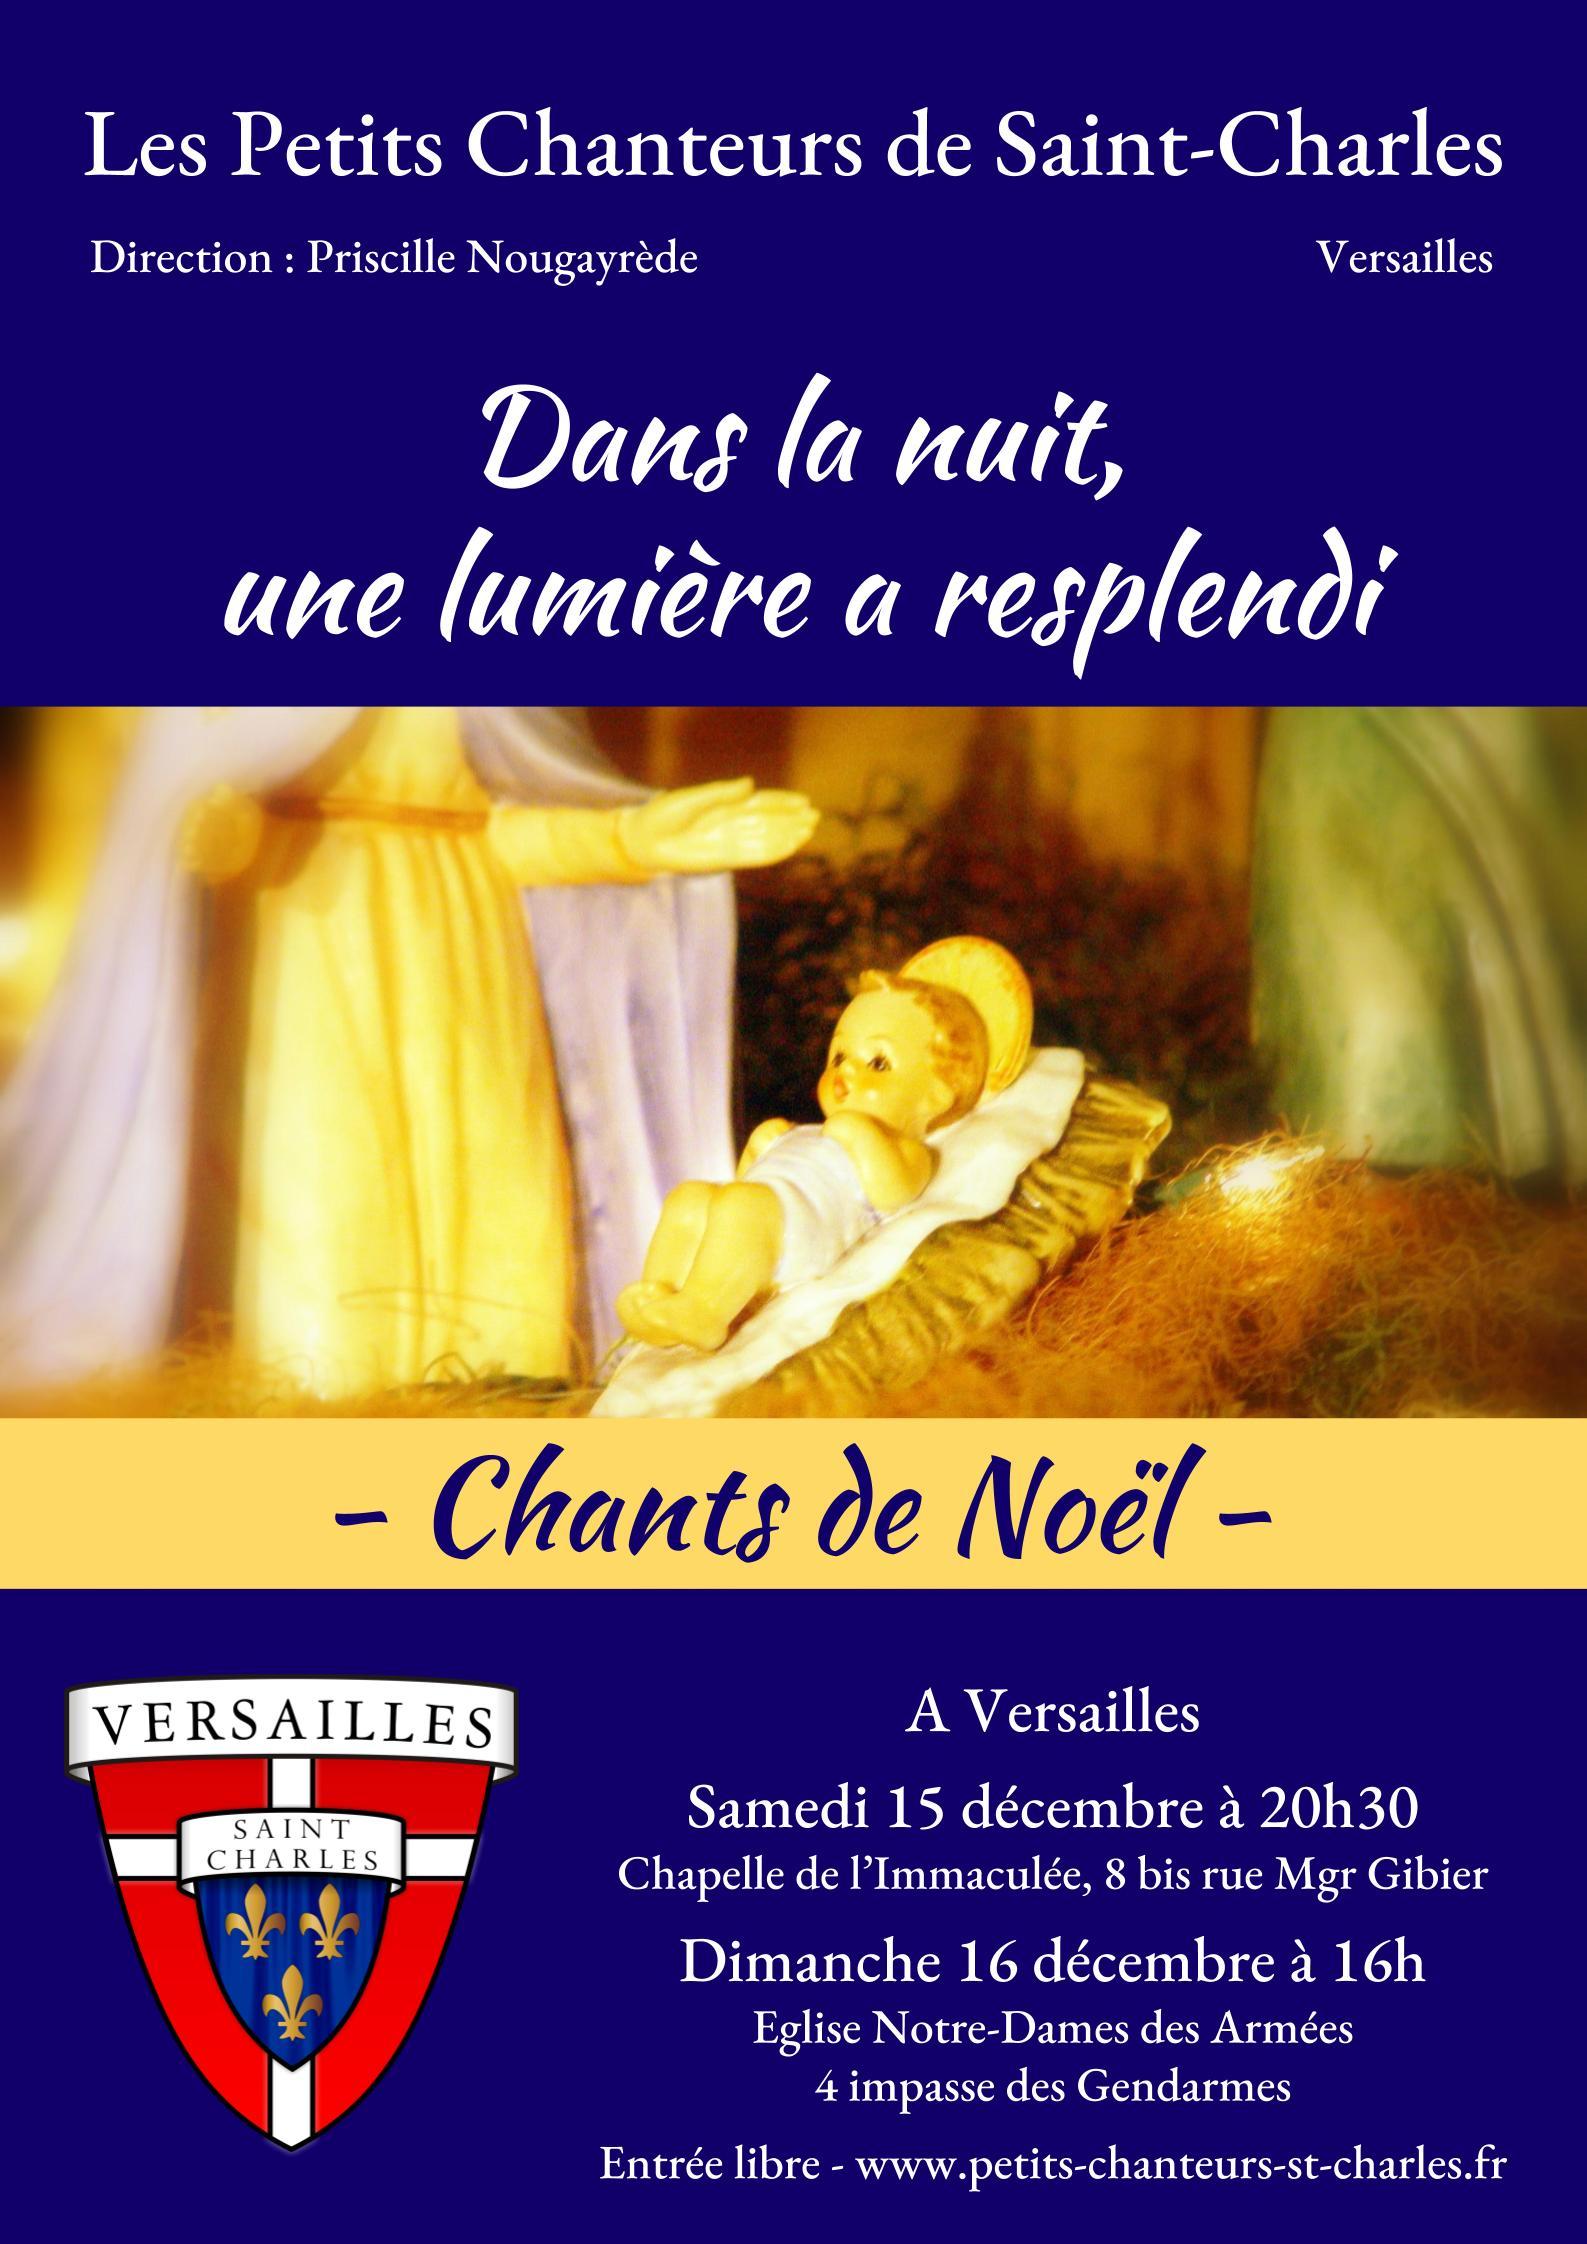 Concert de Noël des Petits Chanteurs de Saint-Charles les 15 & 16 décembre et messe de minuit le 24 décembre 2018 à Versailles (78)